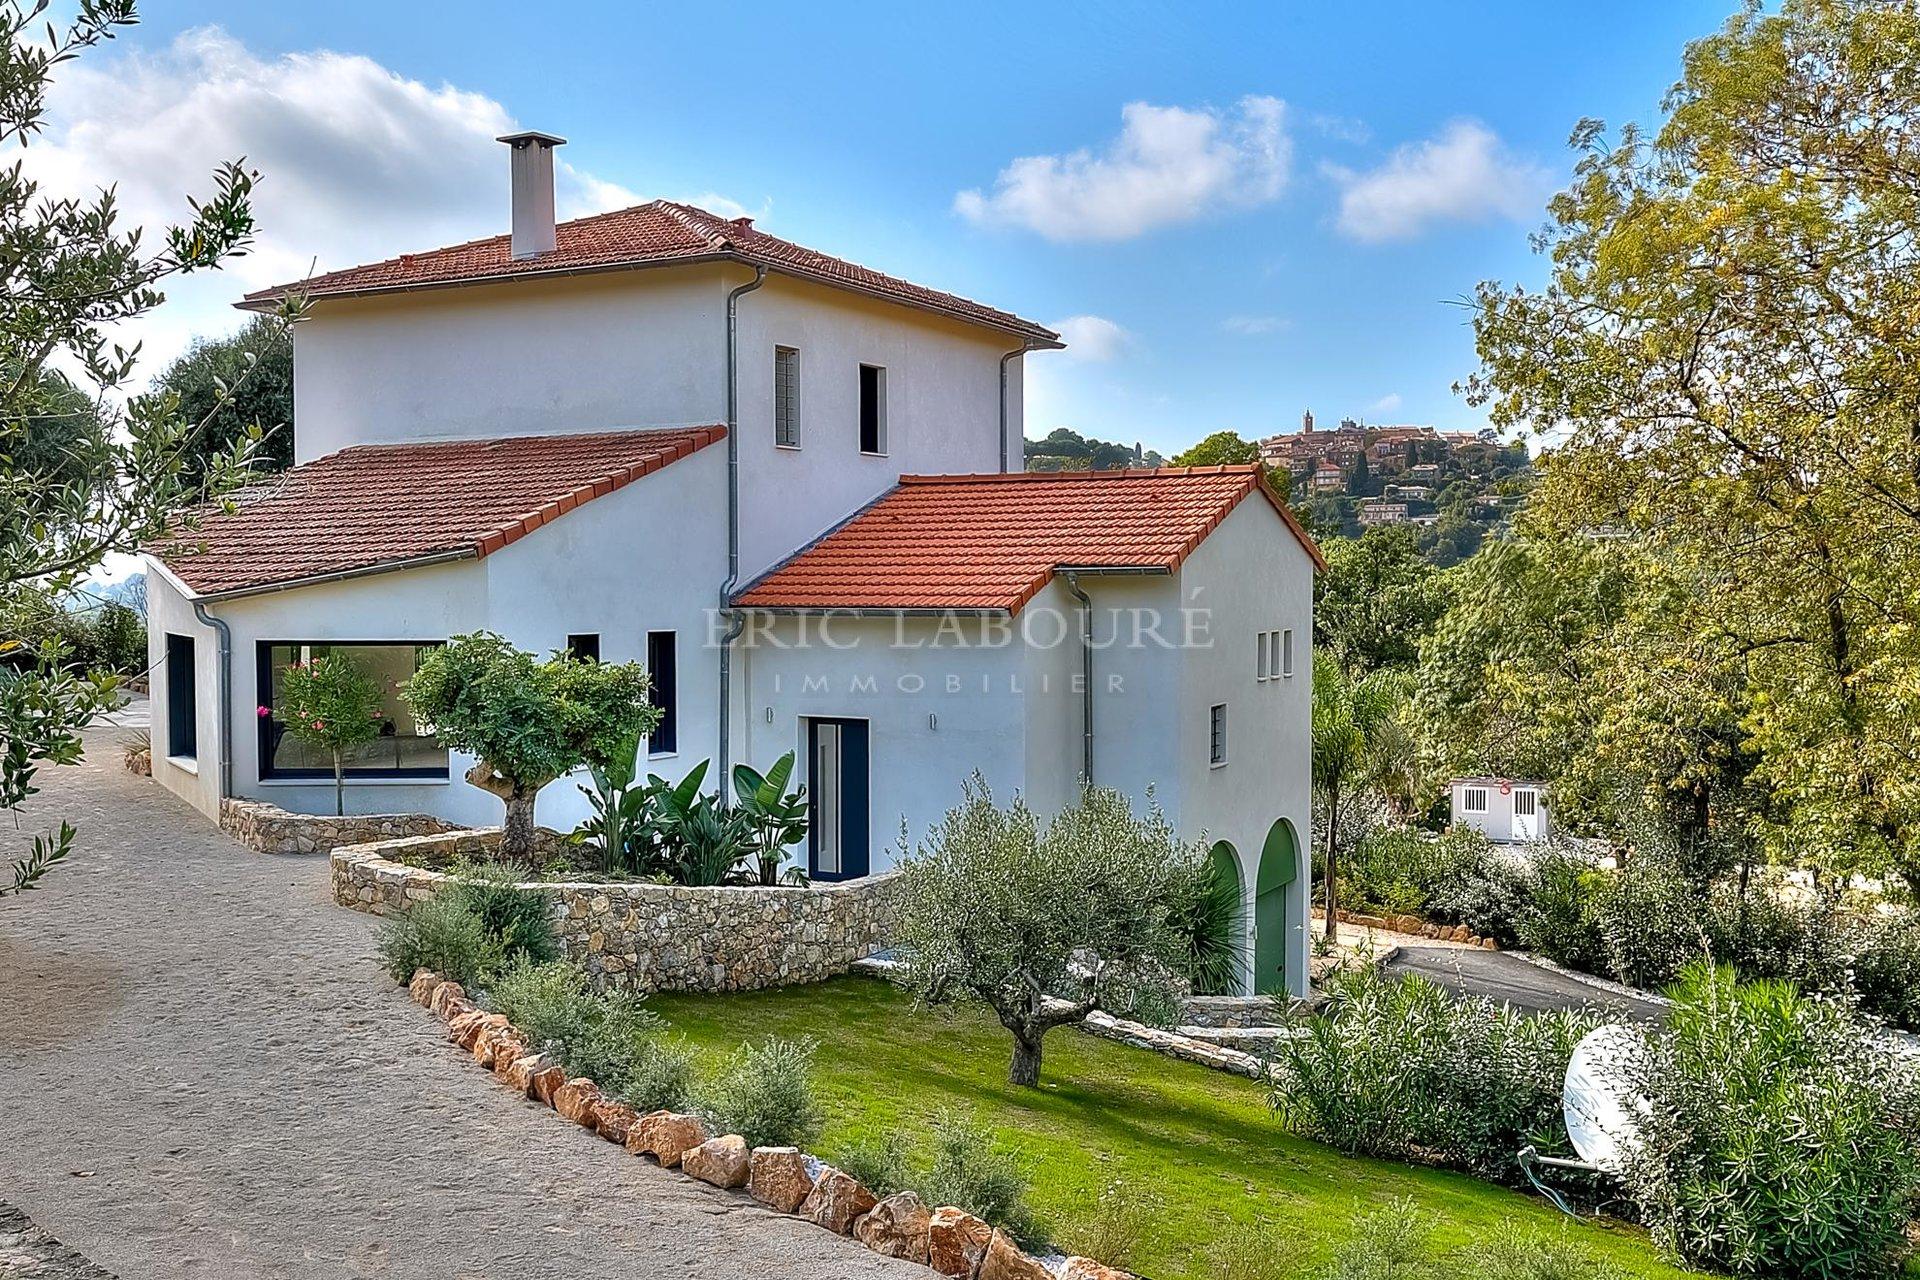 Vente luxueuse villa provencale rénovée - Vue dégagée